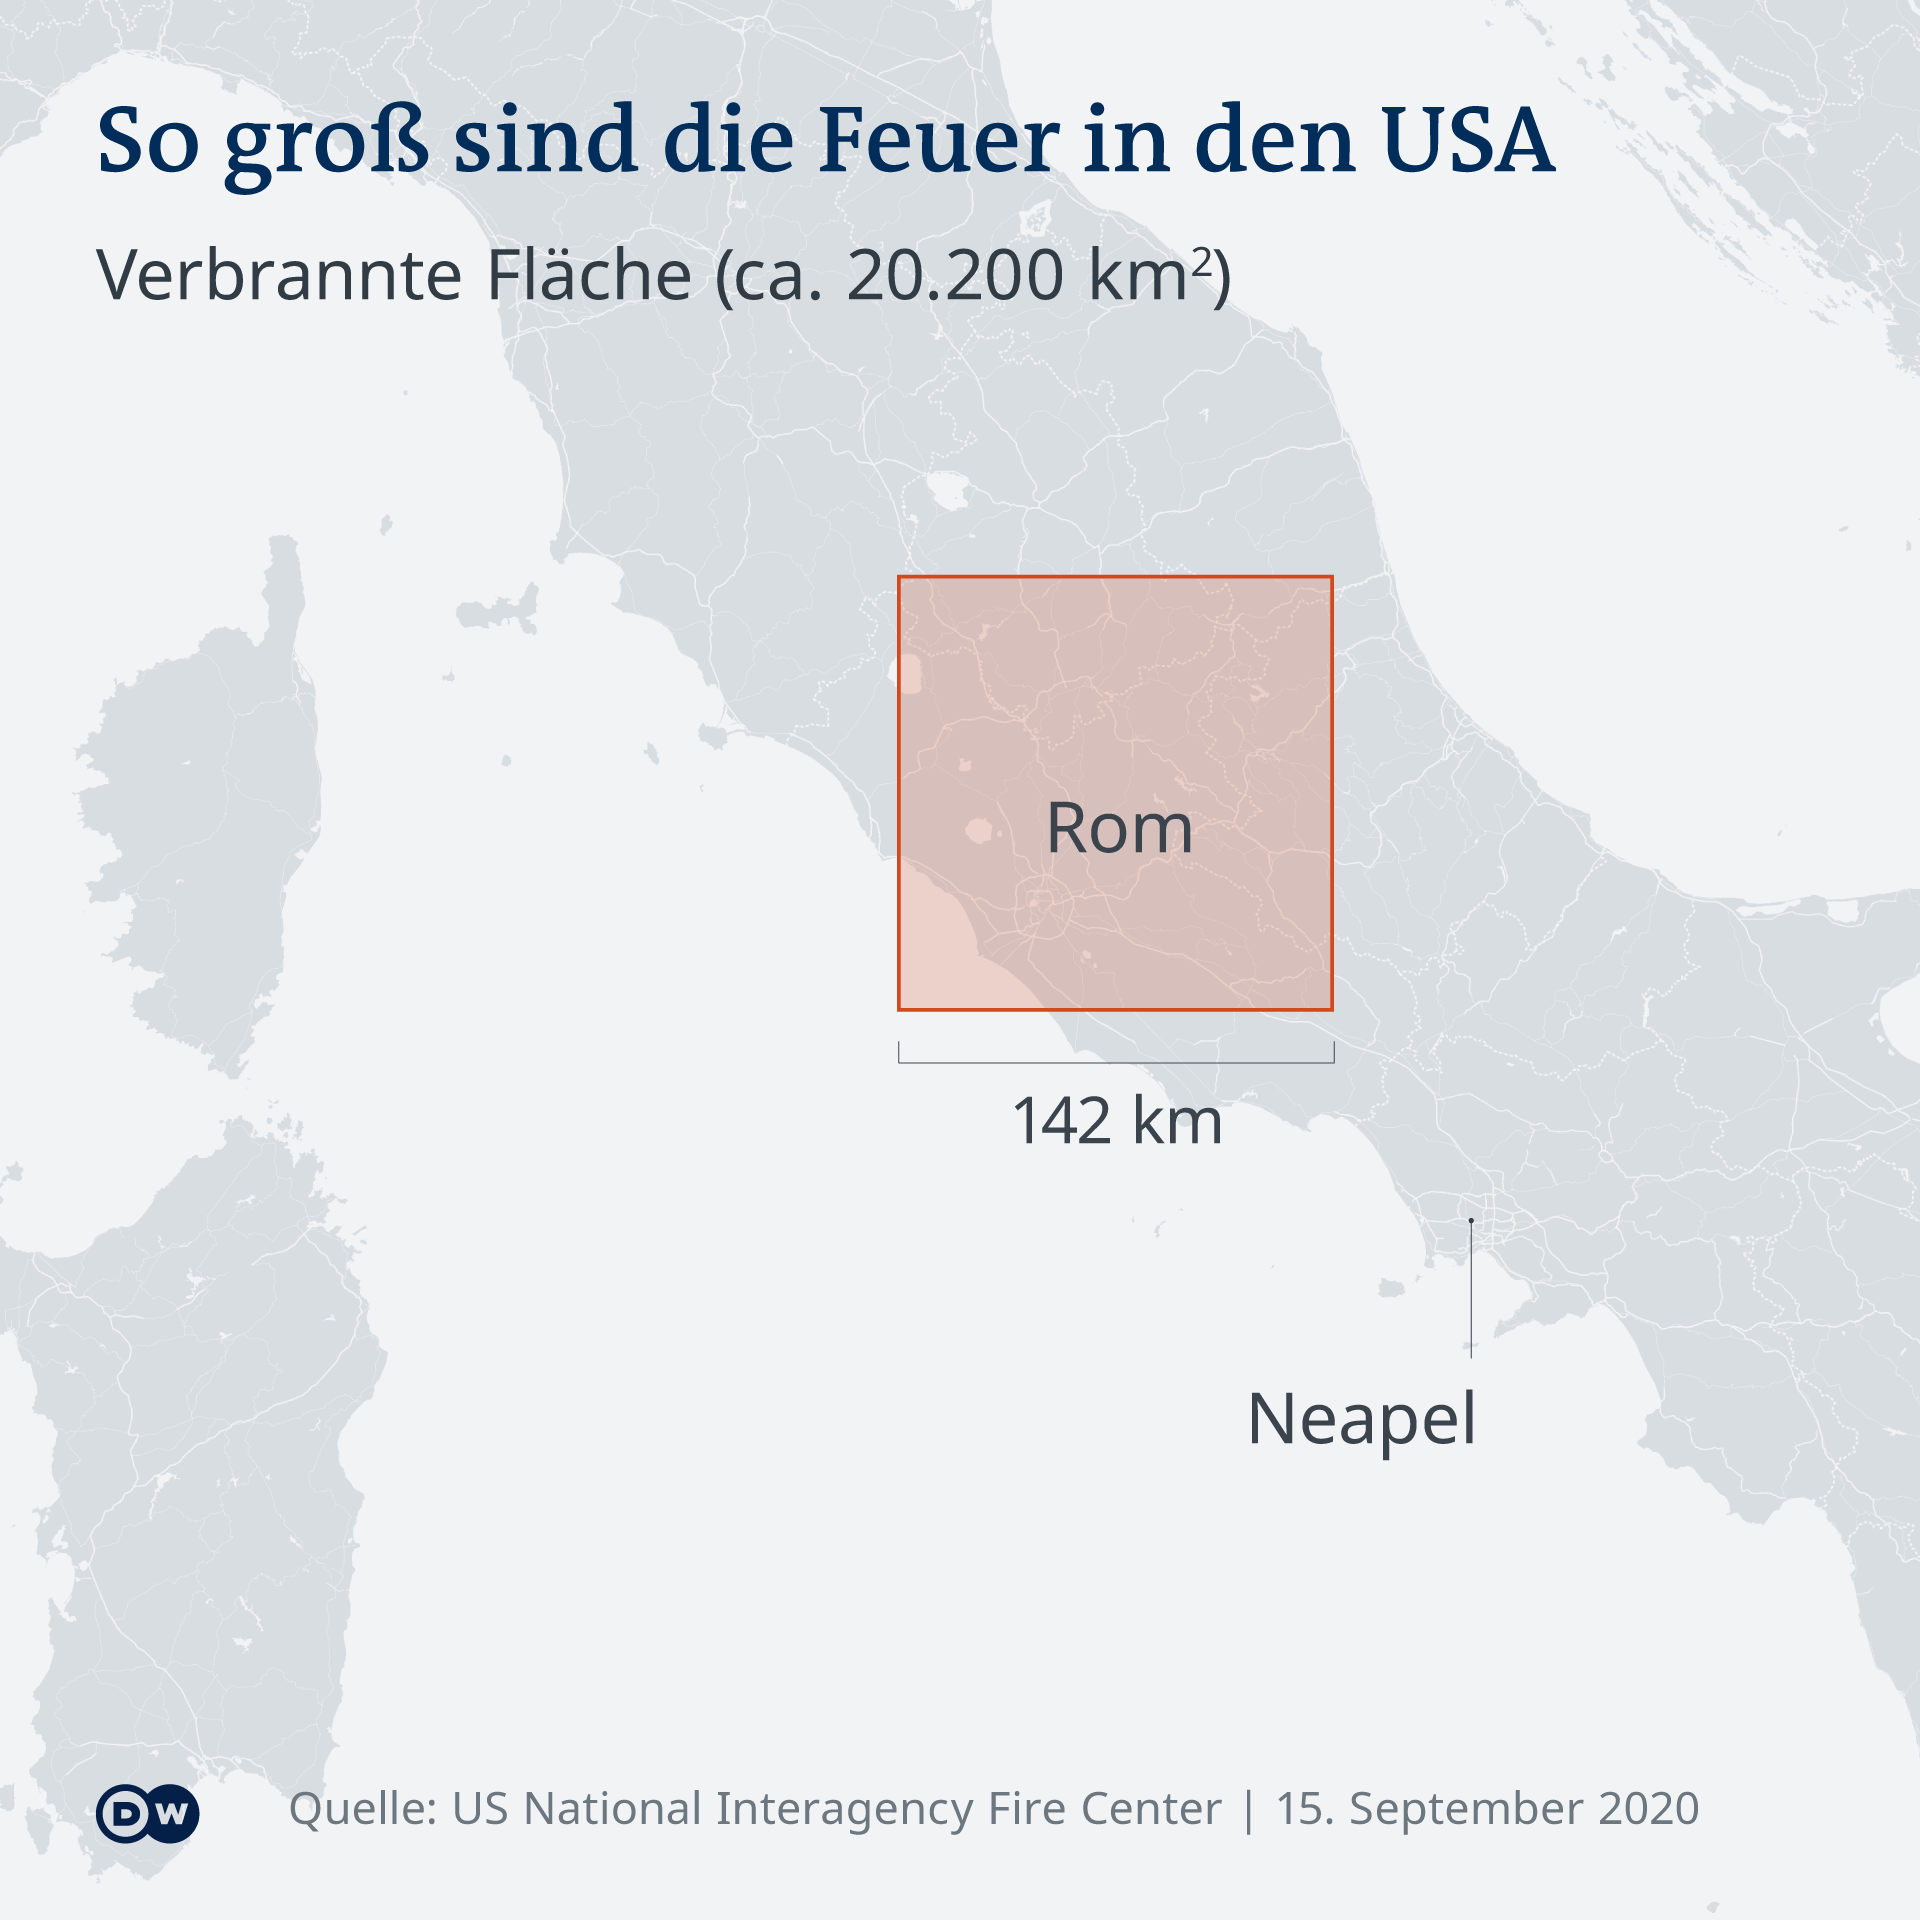 Infografik So groß sind die Feuer in den USA. Vergleich der Fläche in Europa